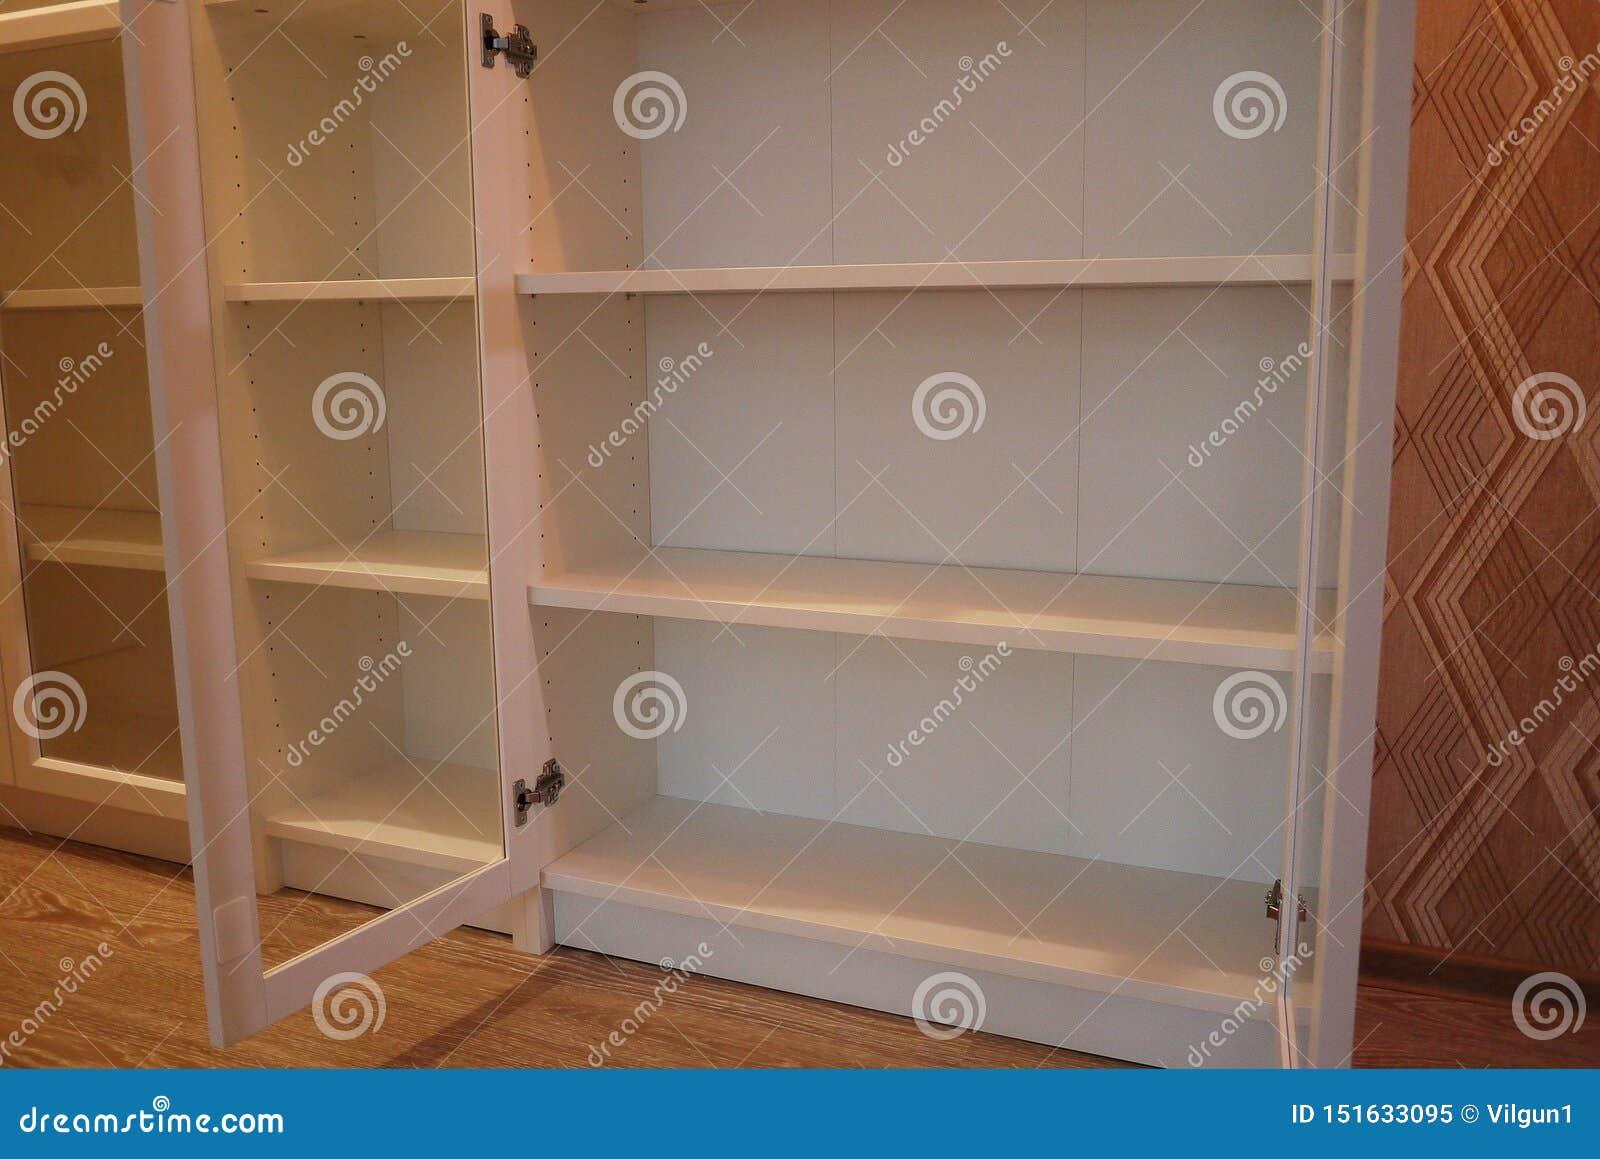 Estante para libros dentro del apartamento